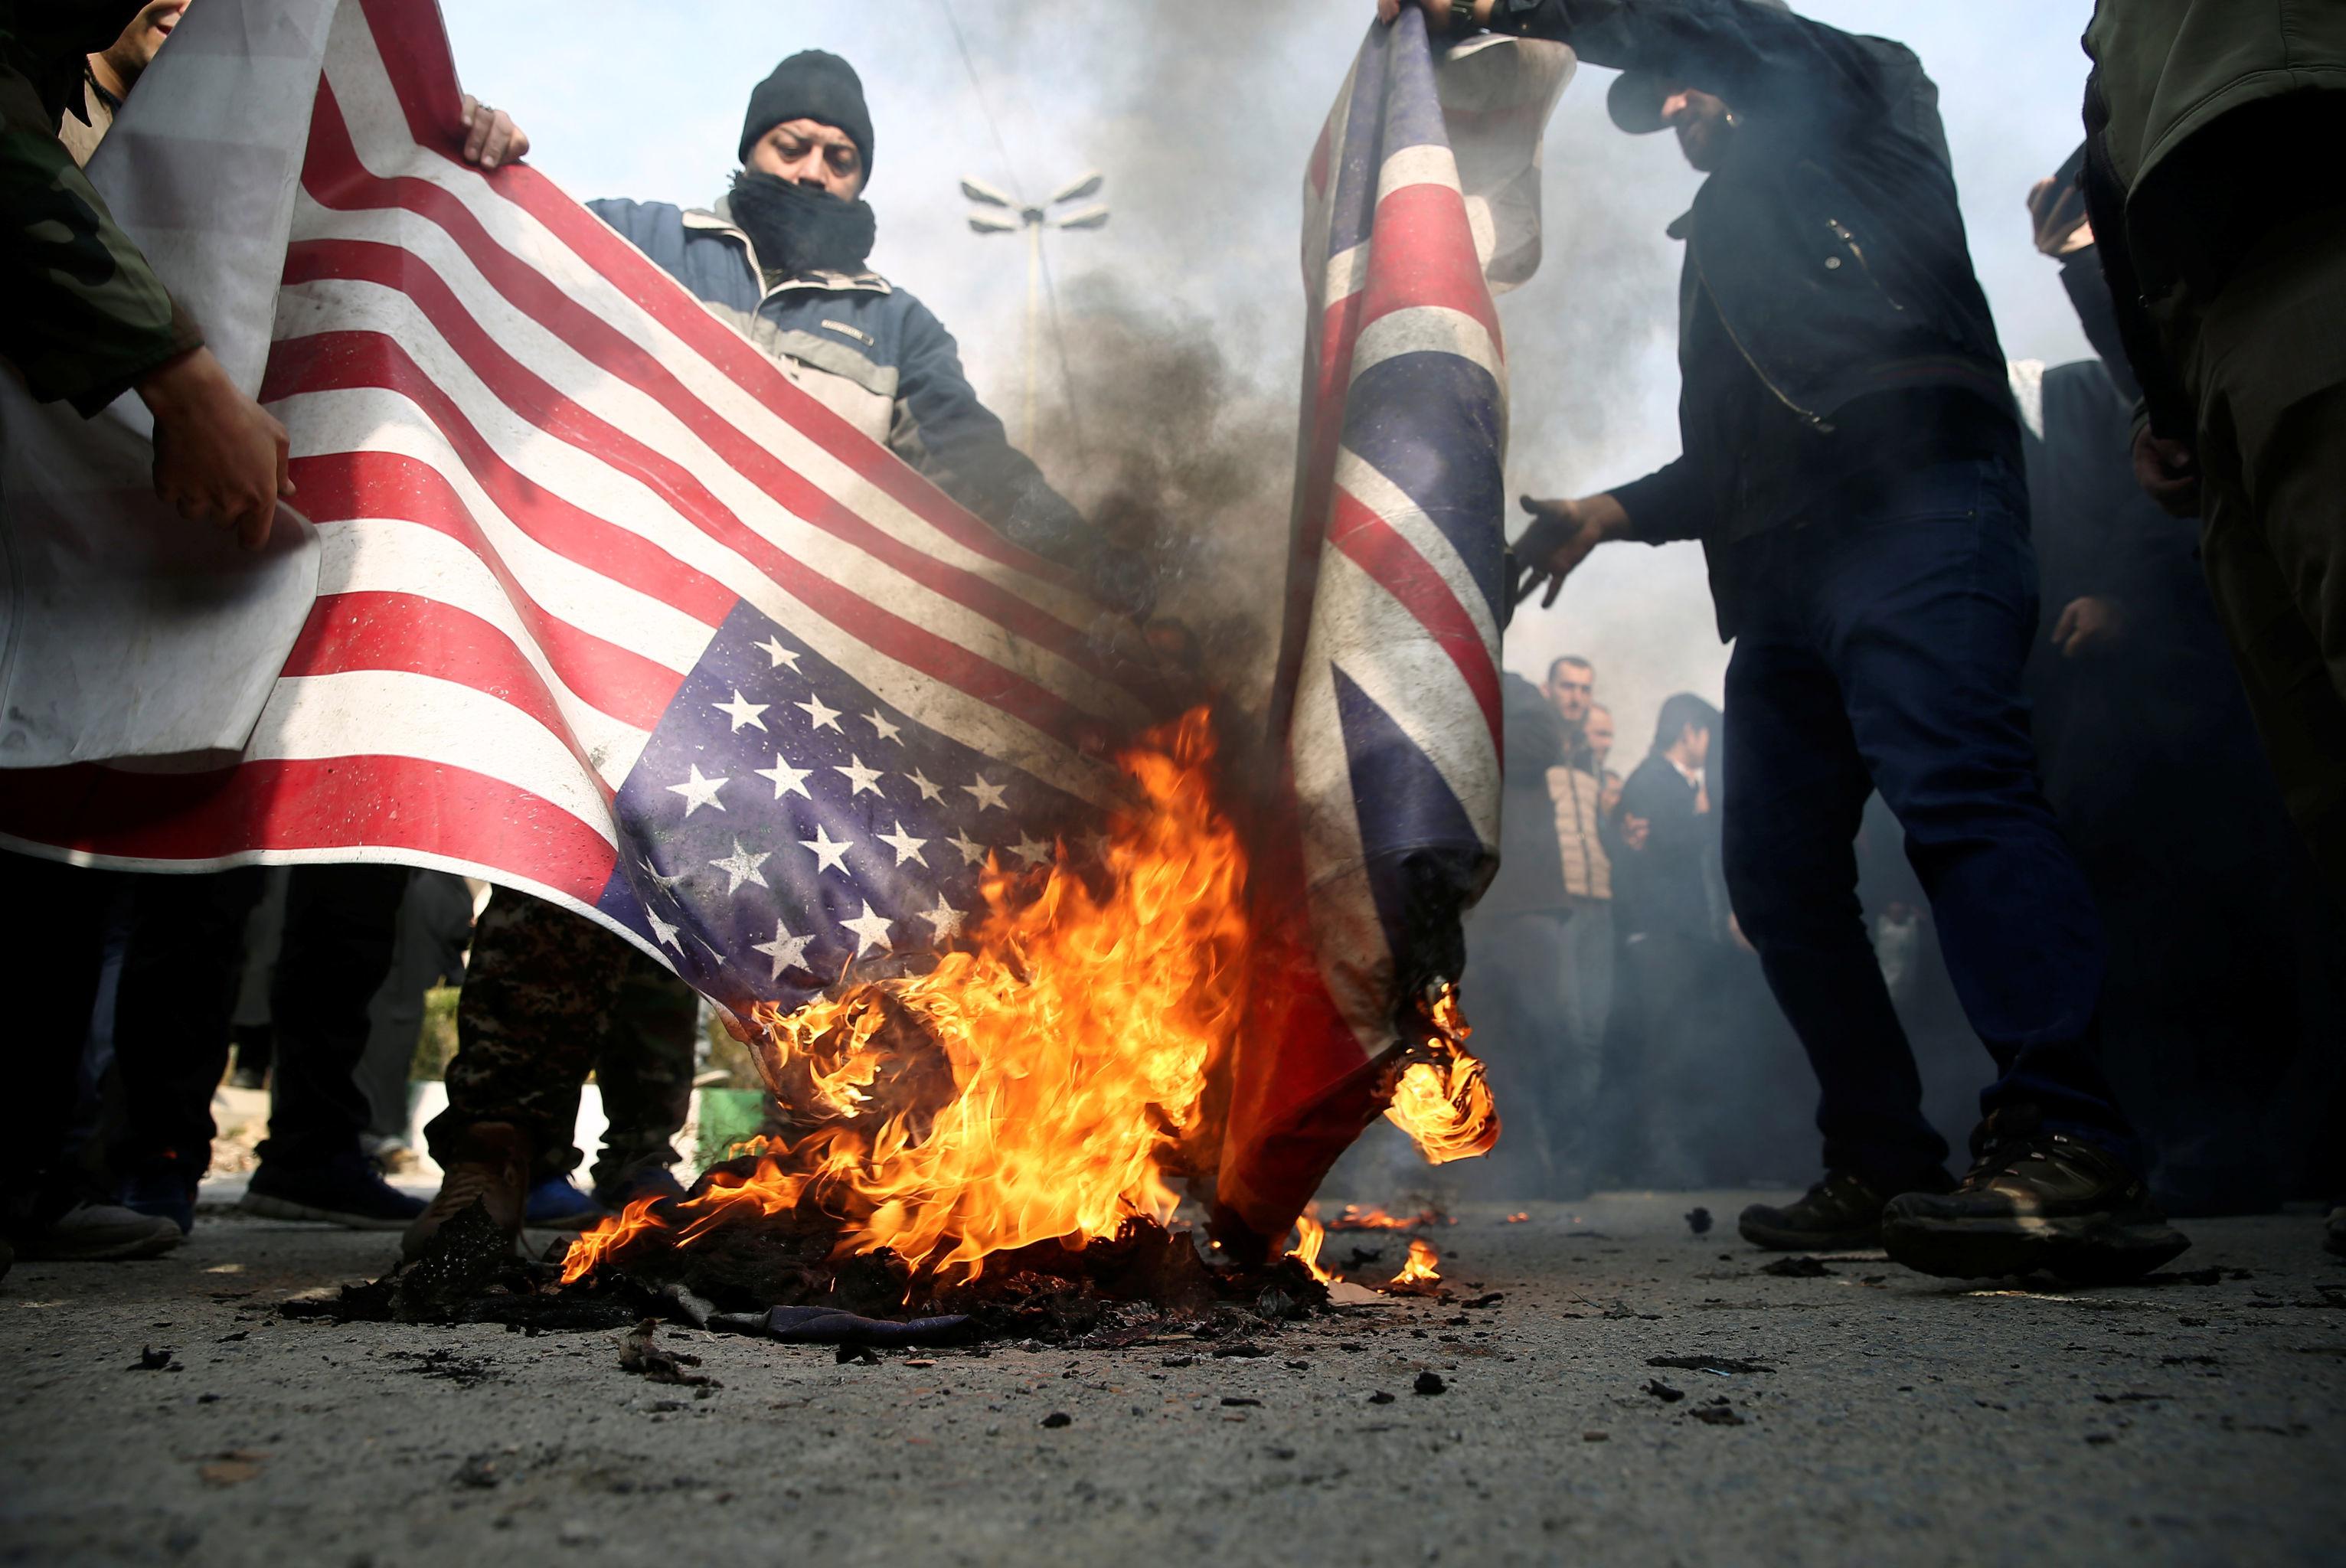 Iraníes queman banderas de EEUU y el Reino Unido tras la muerte del general Soleimani